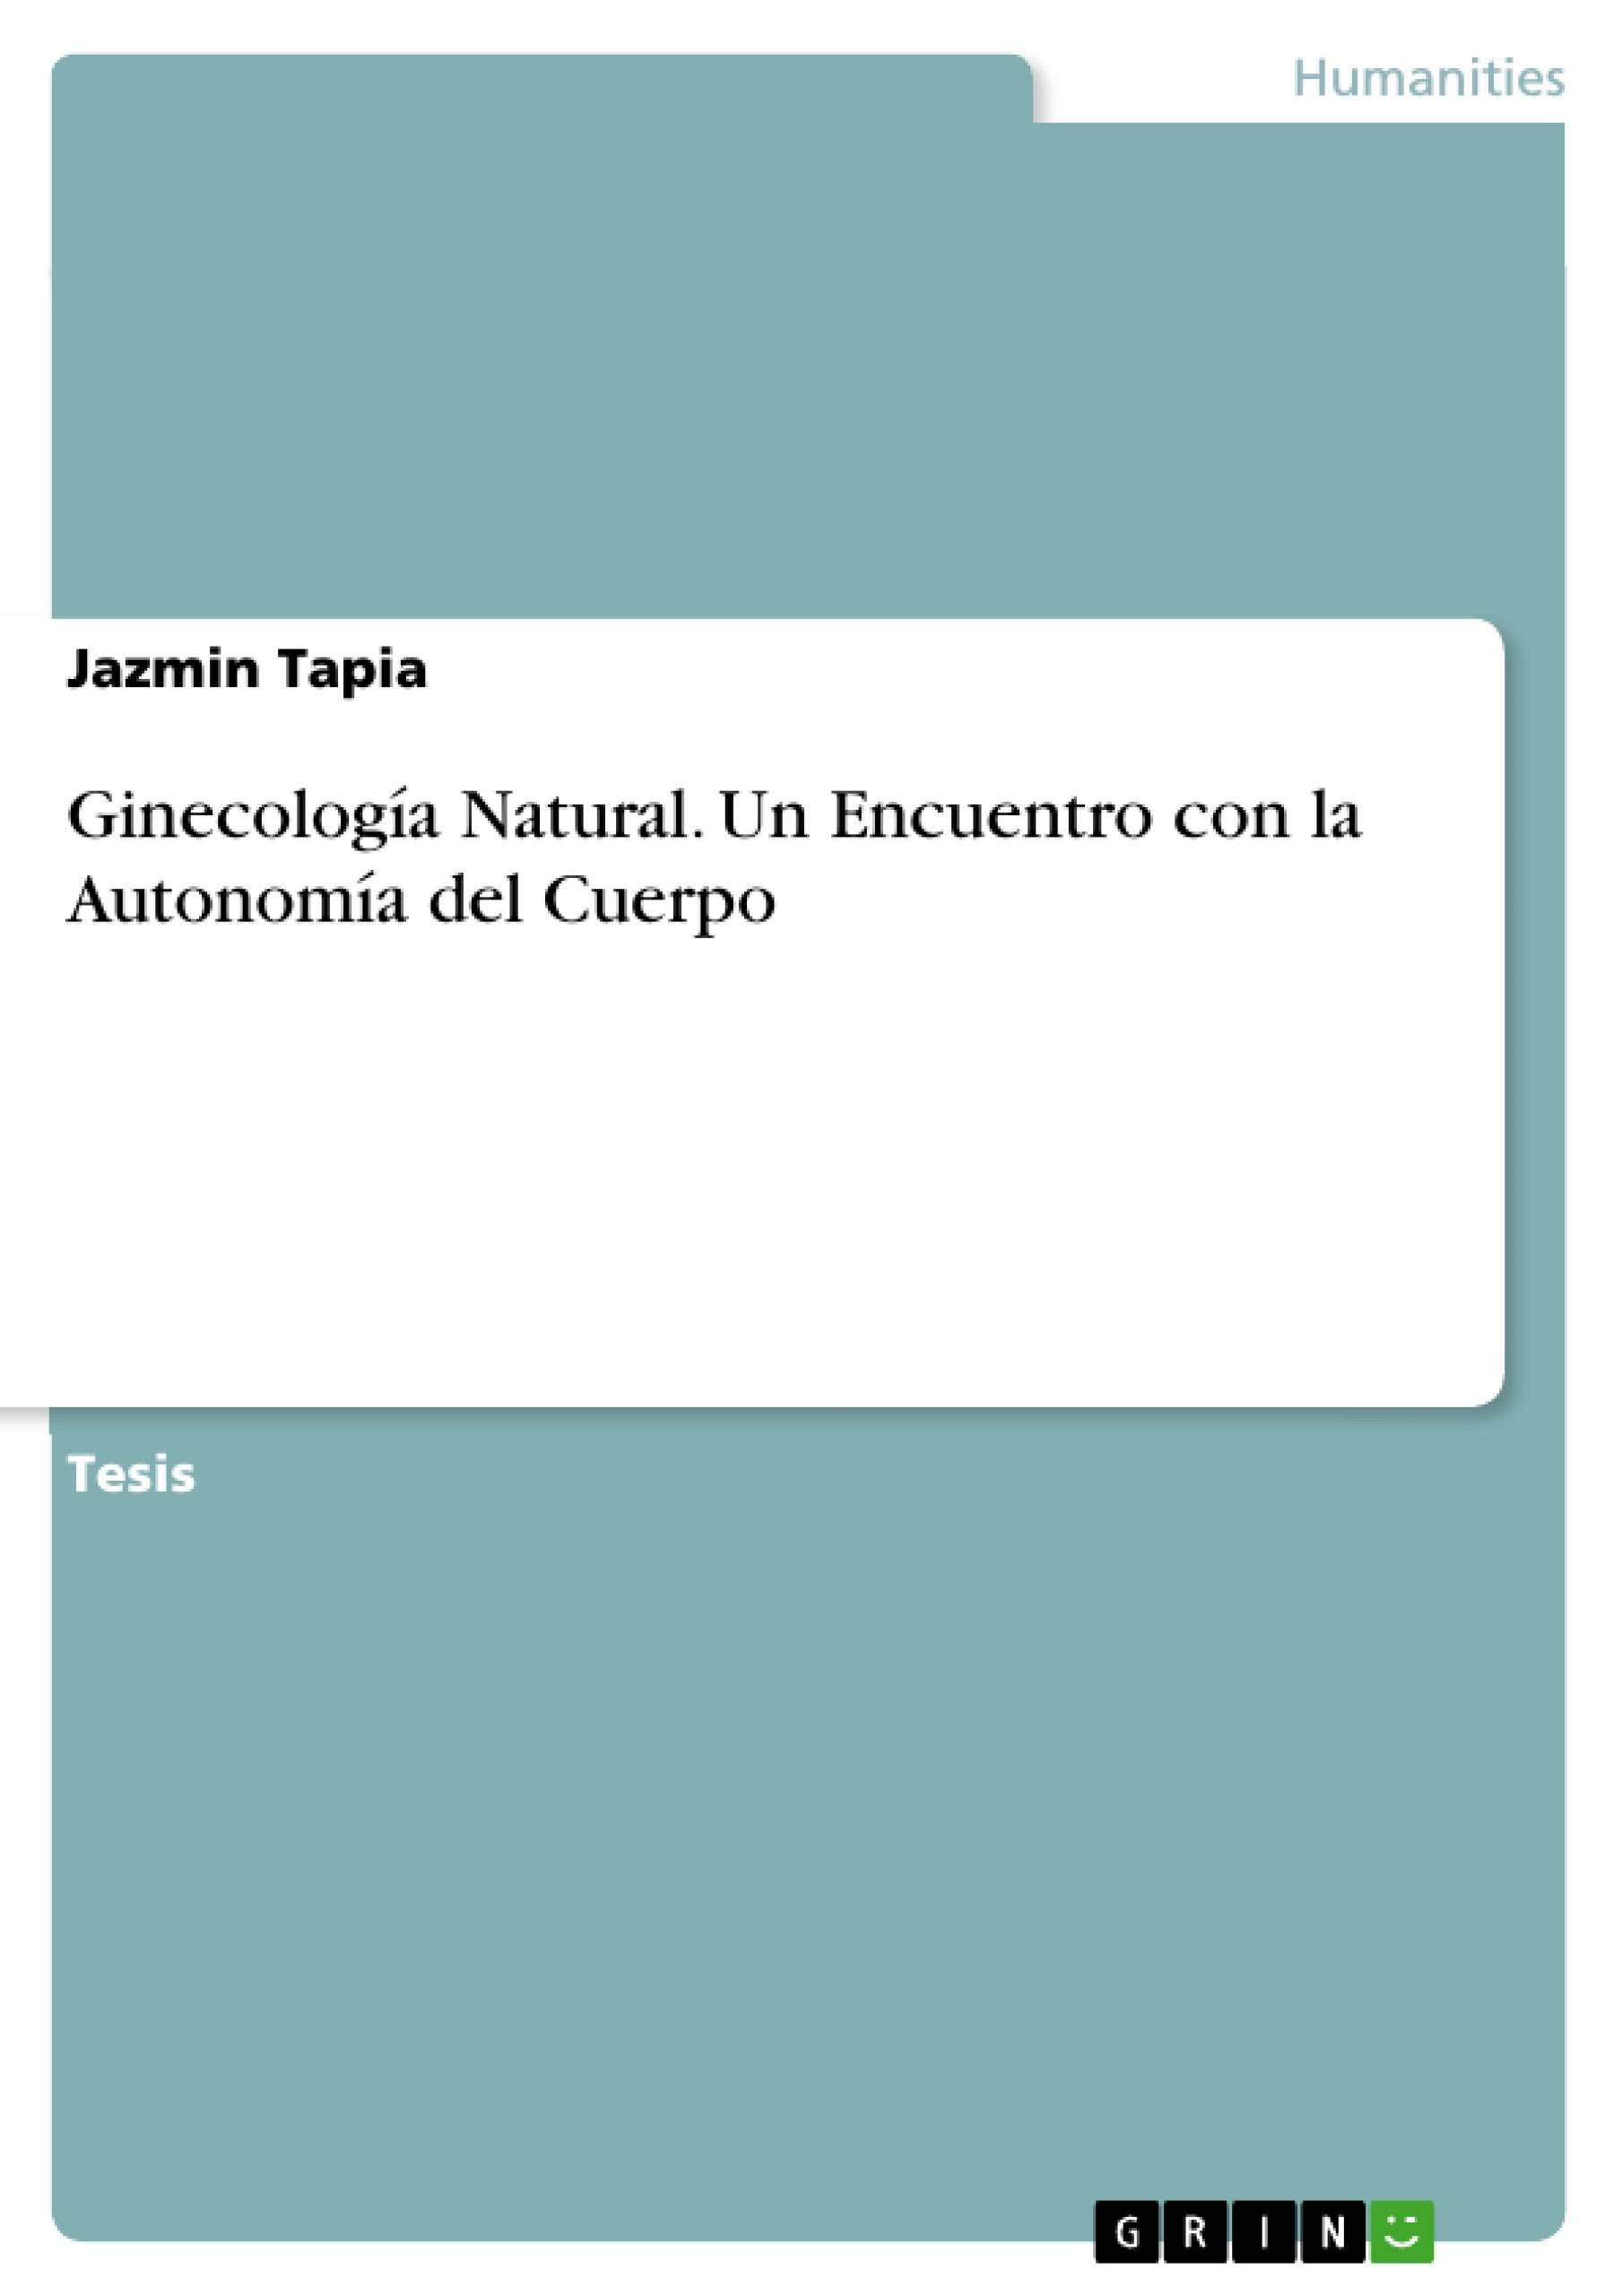 Título: Ginecología Natural. Un Encuentro con la Autonomía del Cuerpo